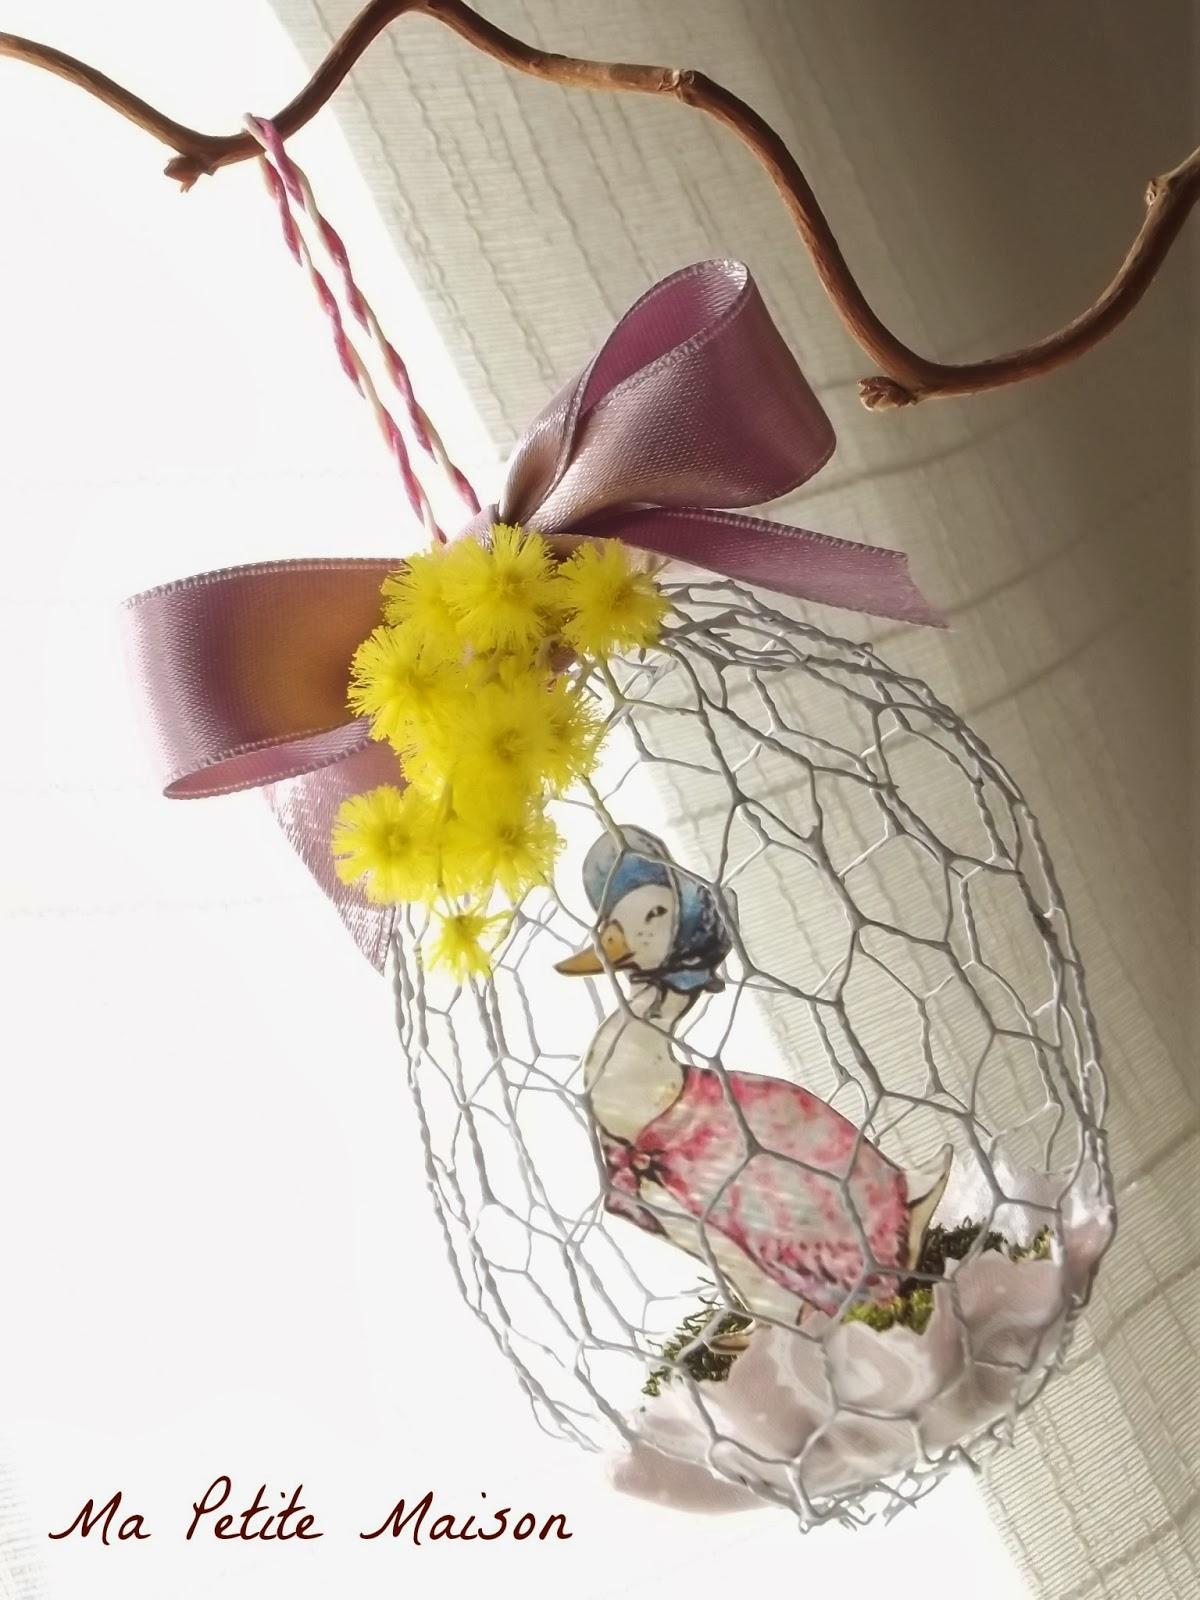 Festa di primavera le uova di pasqua ma petite maison for Conigliera da interno